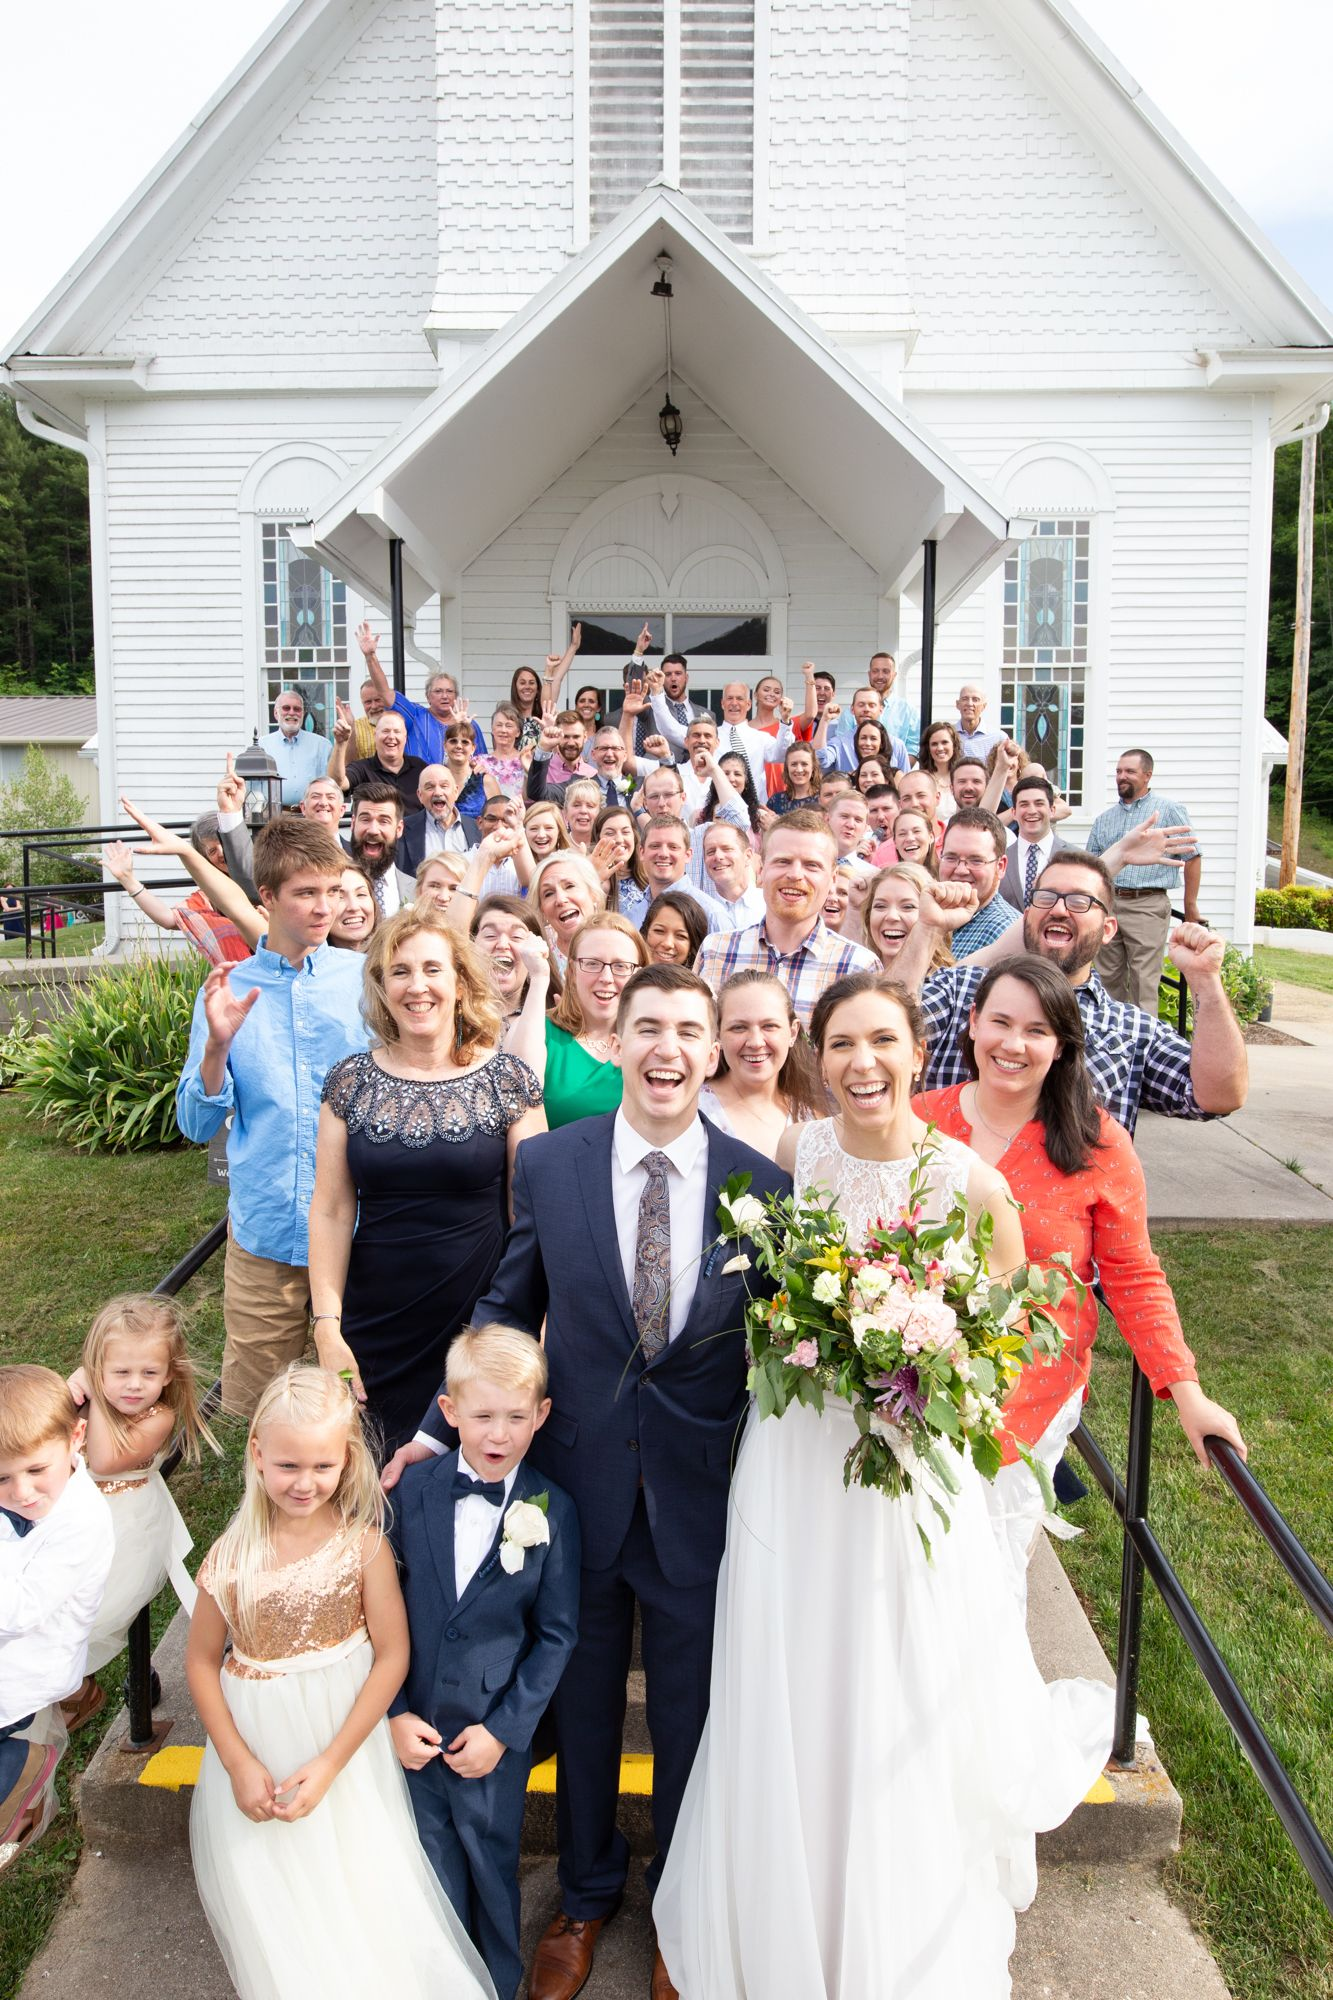 حفلات زفاف أقصر